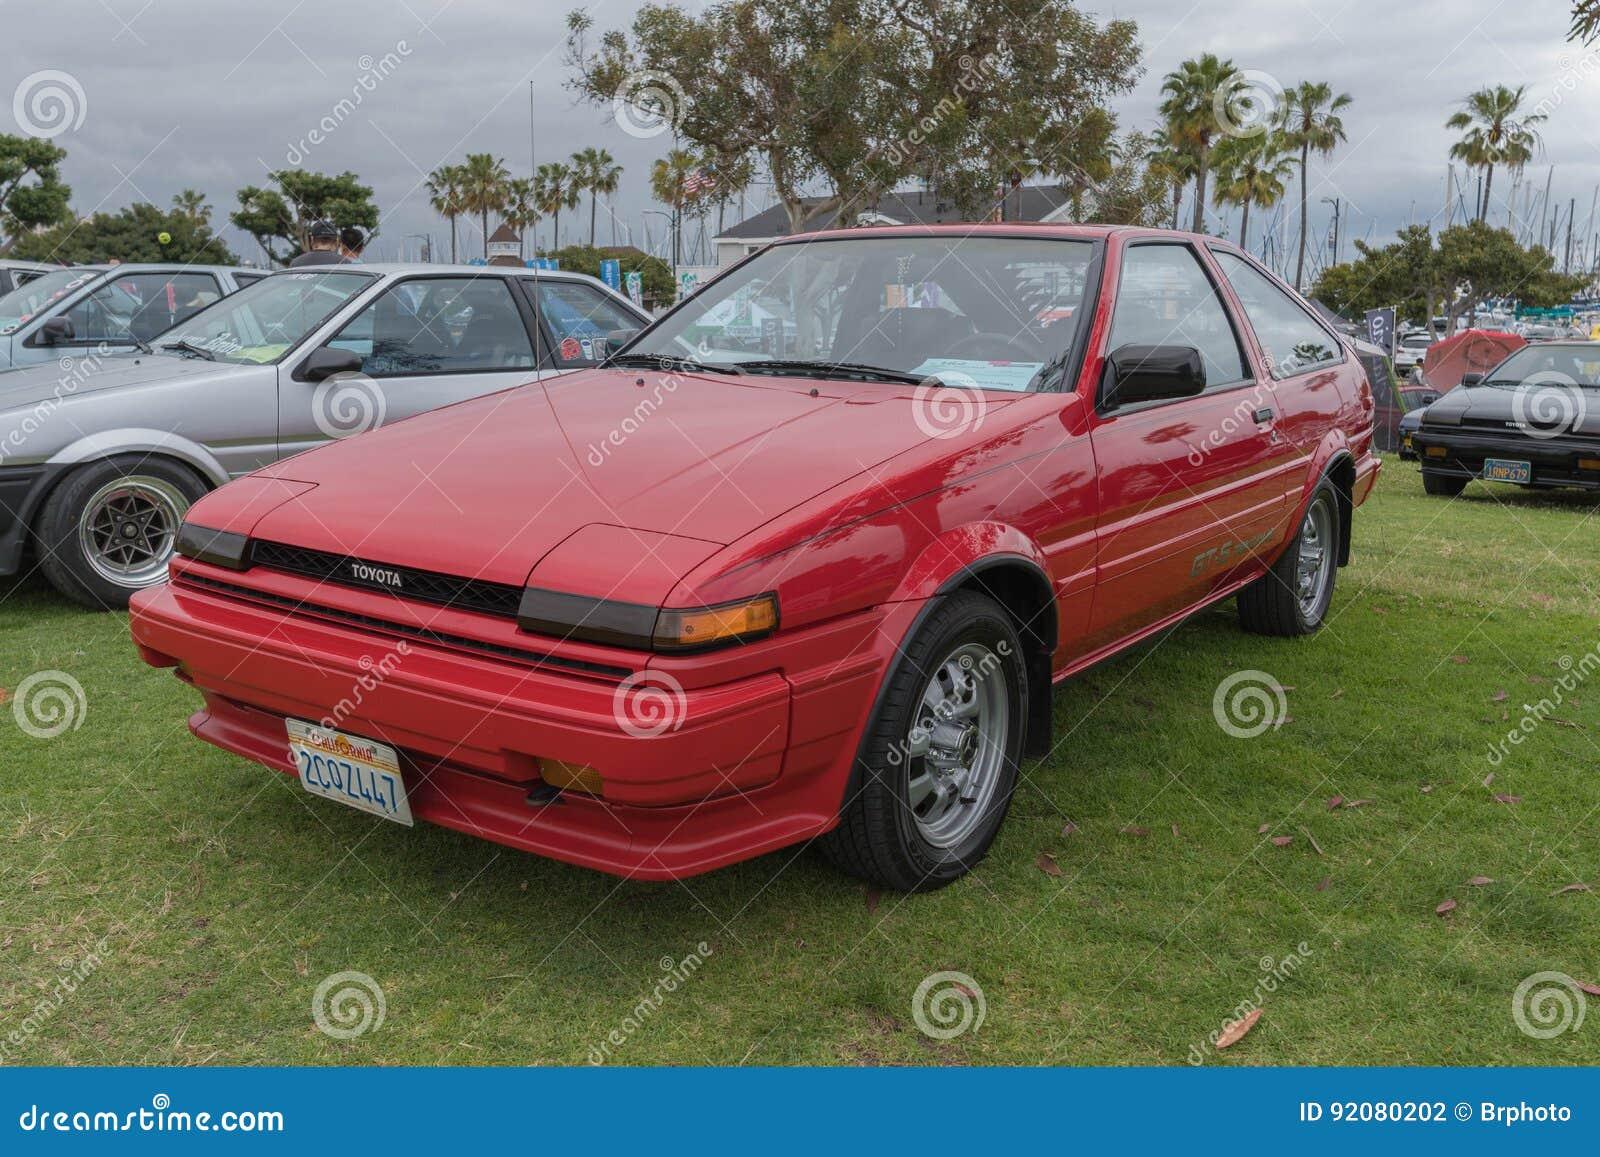 Kelebihan Toyota Corolla 1986 Murah Berkualitas